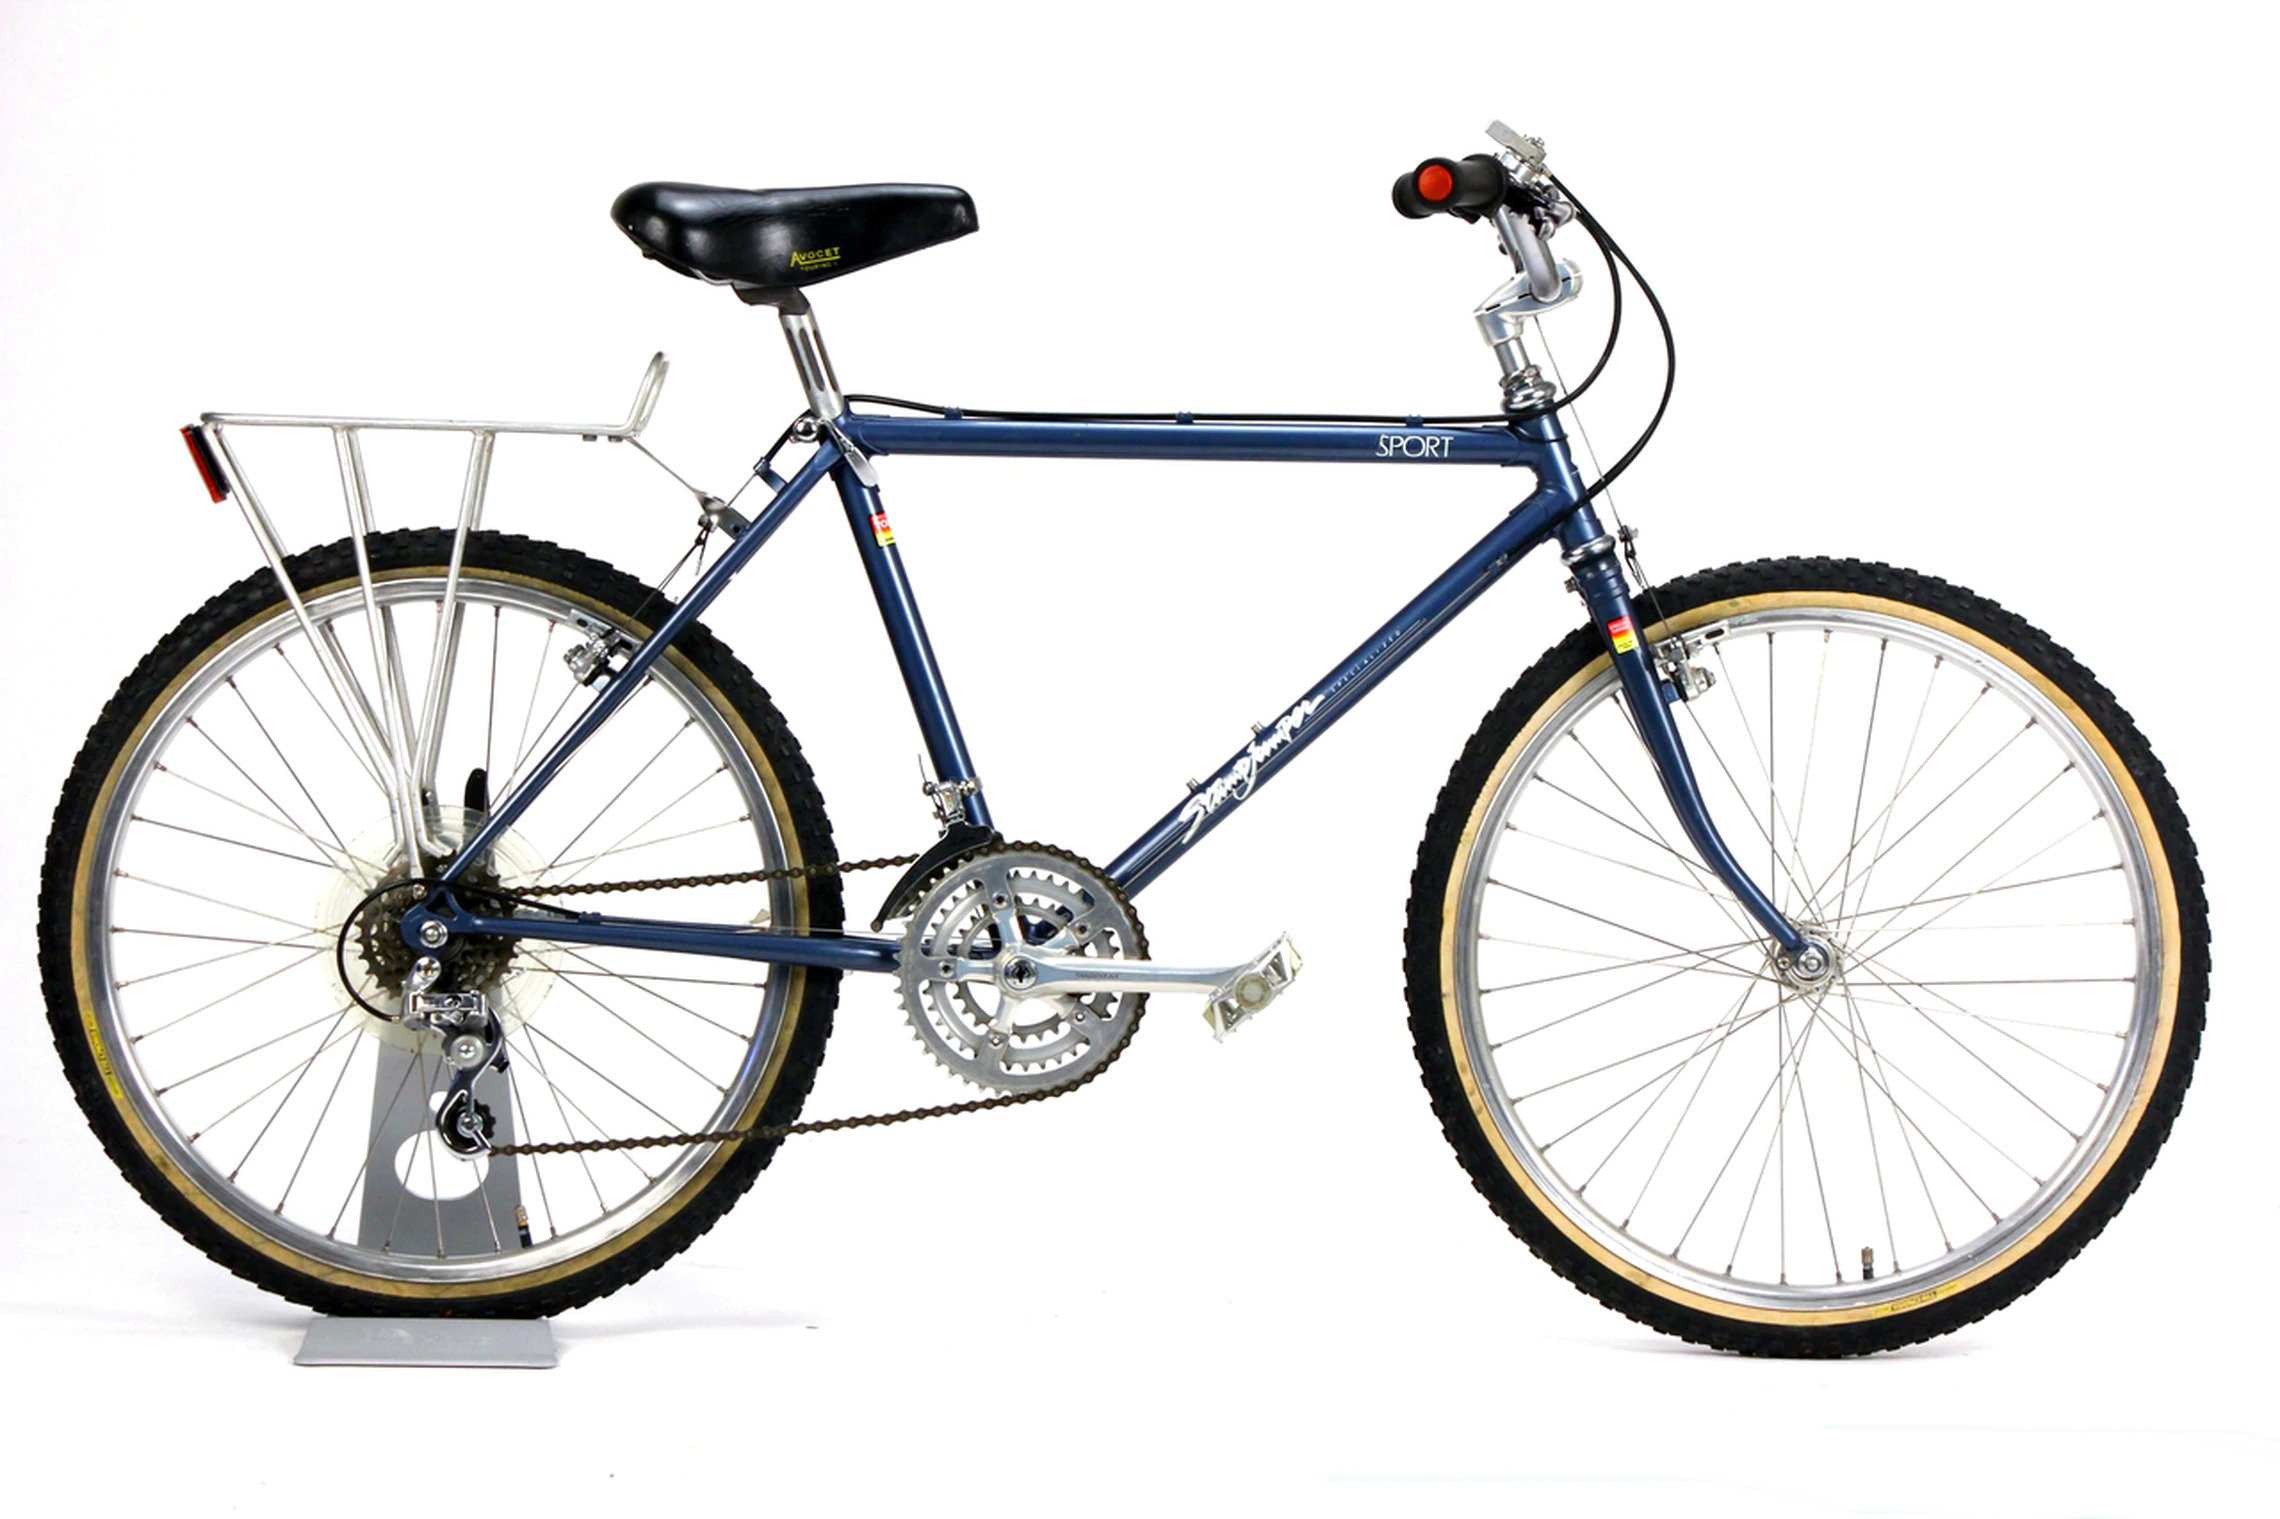 1984 Specialized FSR Mountain Bike